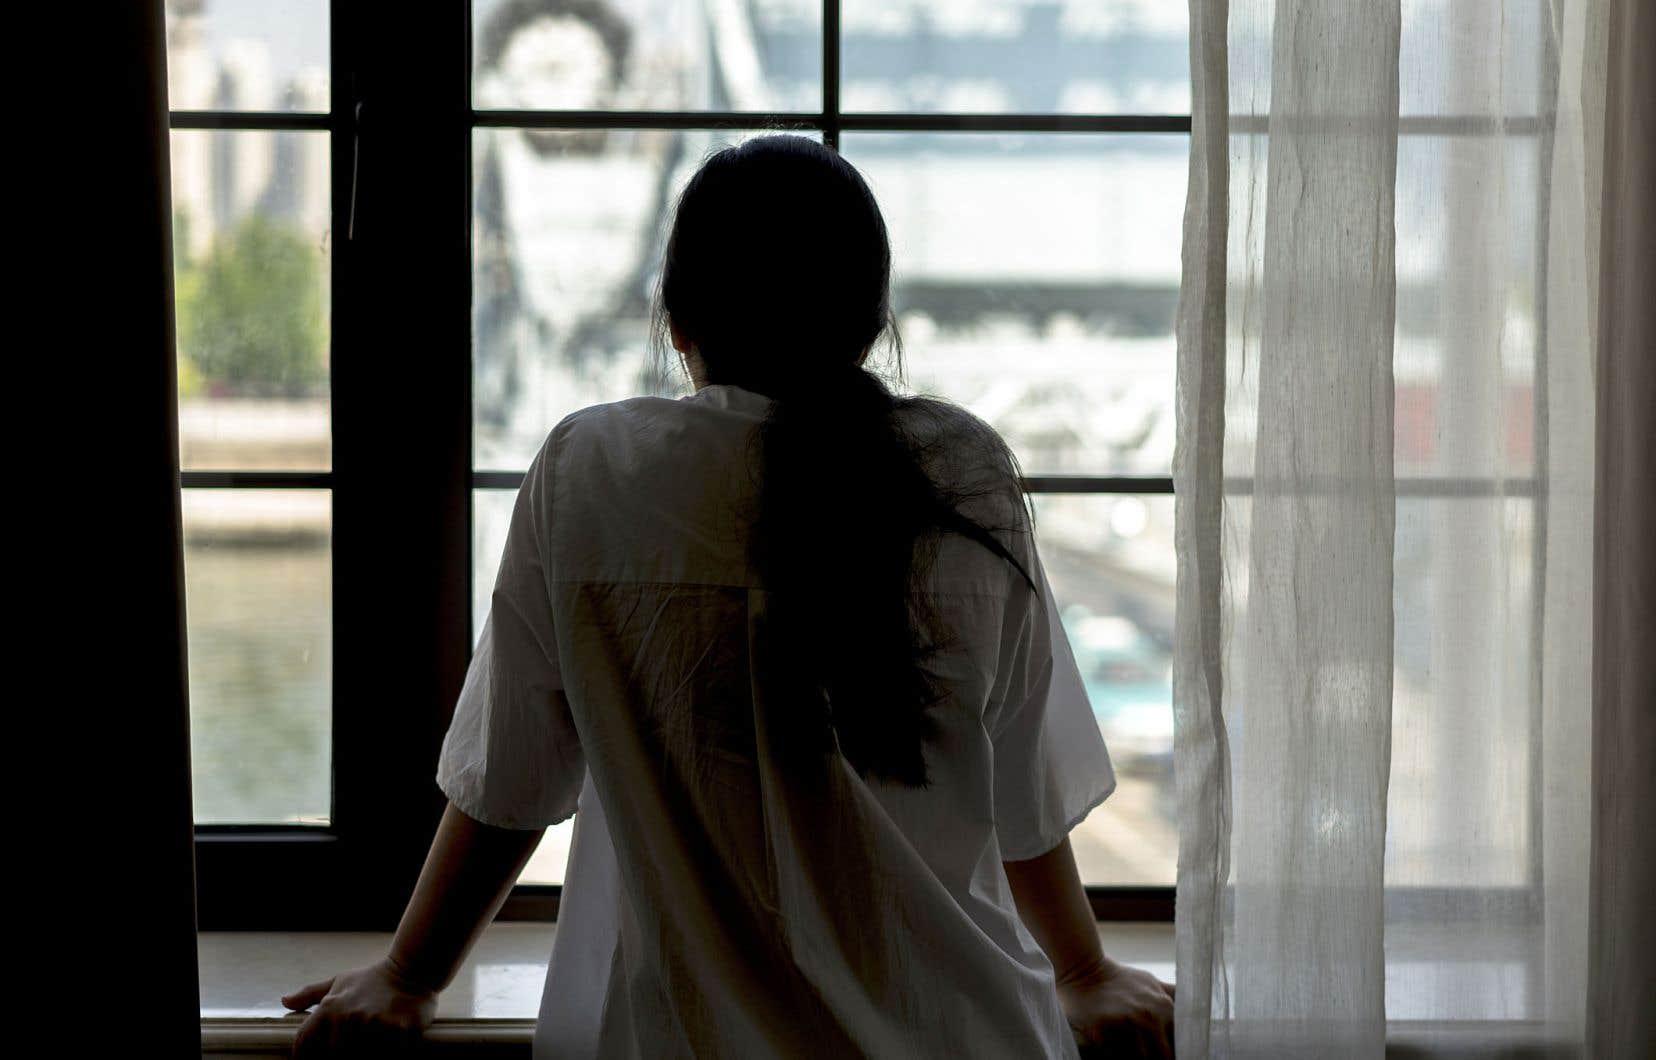 Pour pouvoir résilier un bail, une locataire doit indiquer à son locateur par qui elle a été violentée ou agressée, de même que préciser le type de violence vécu.